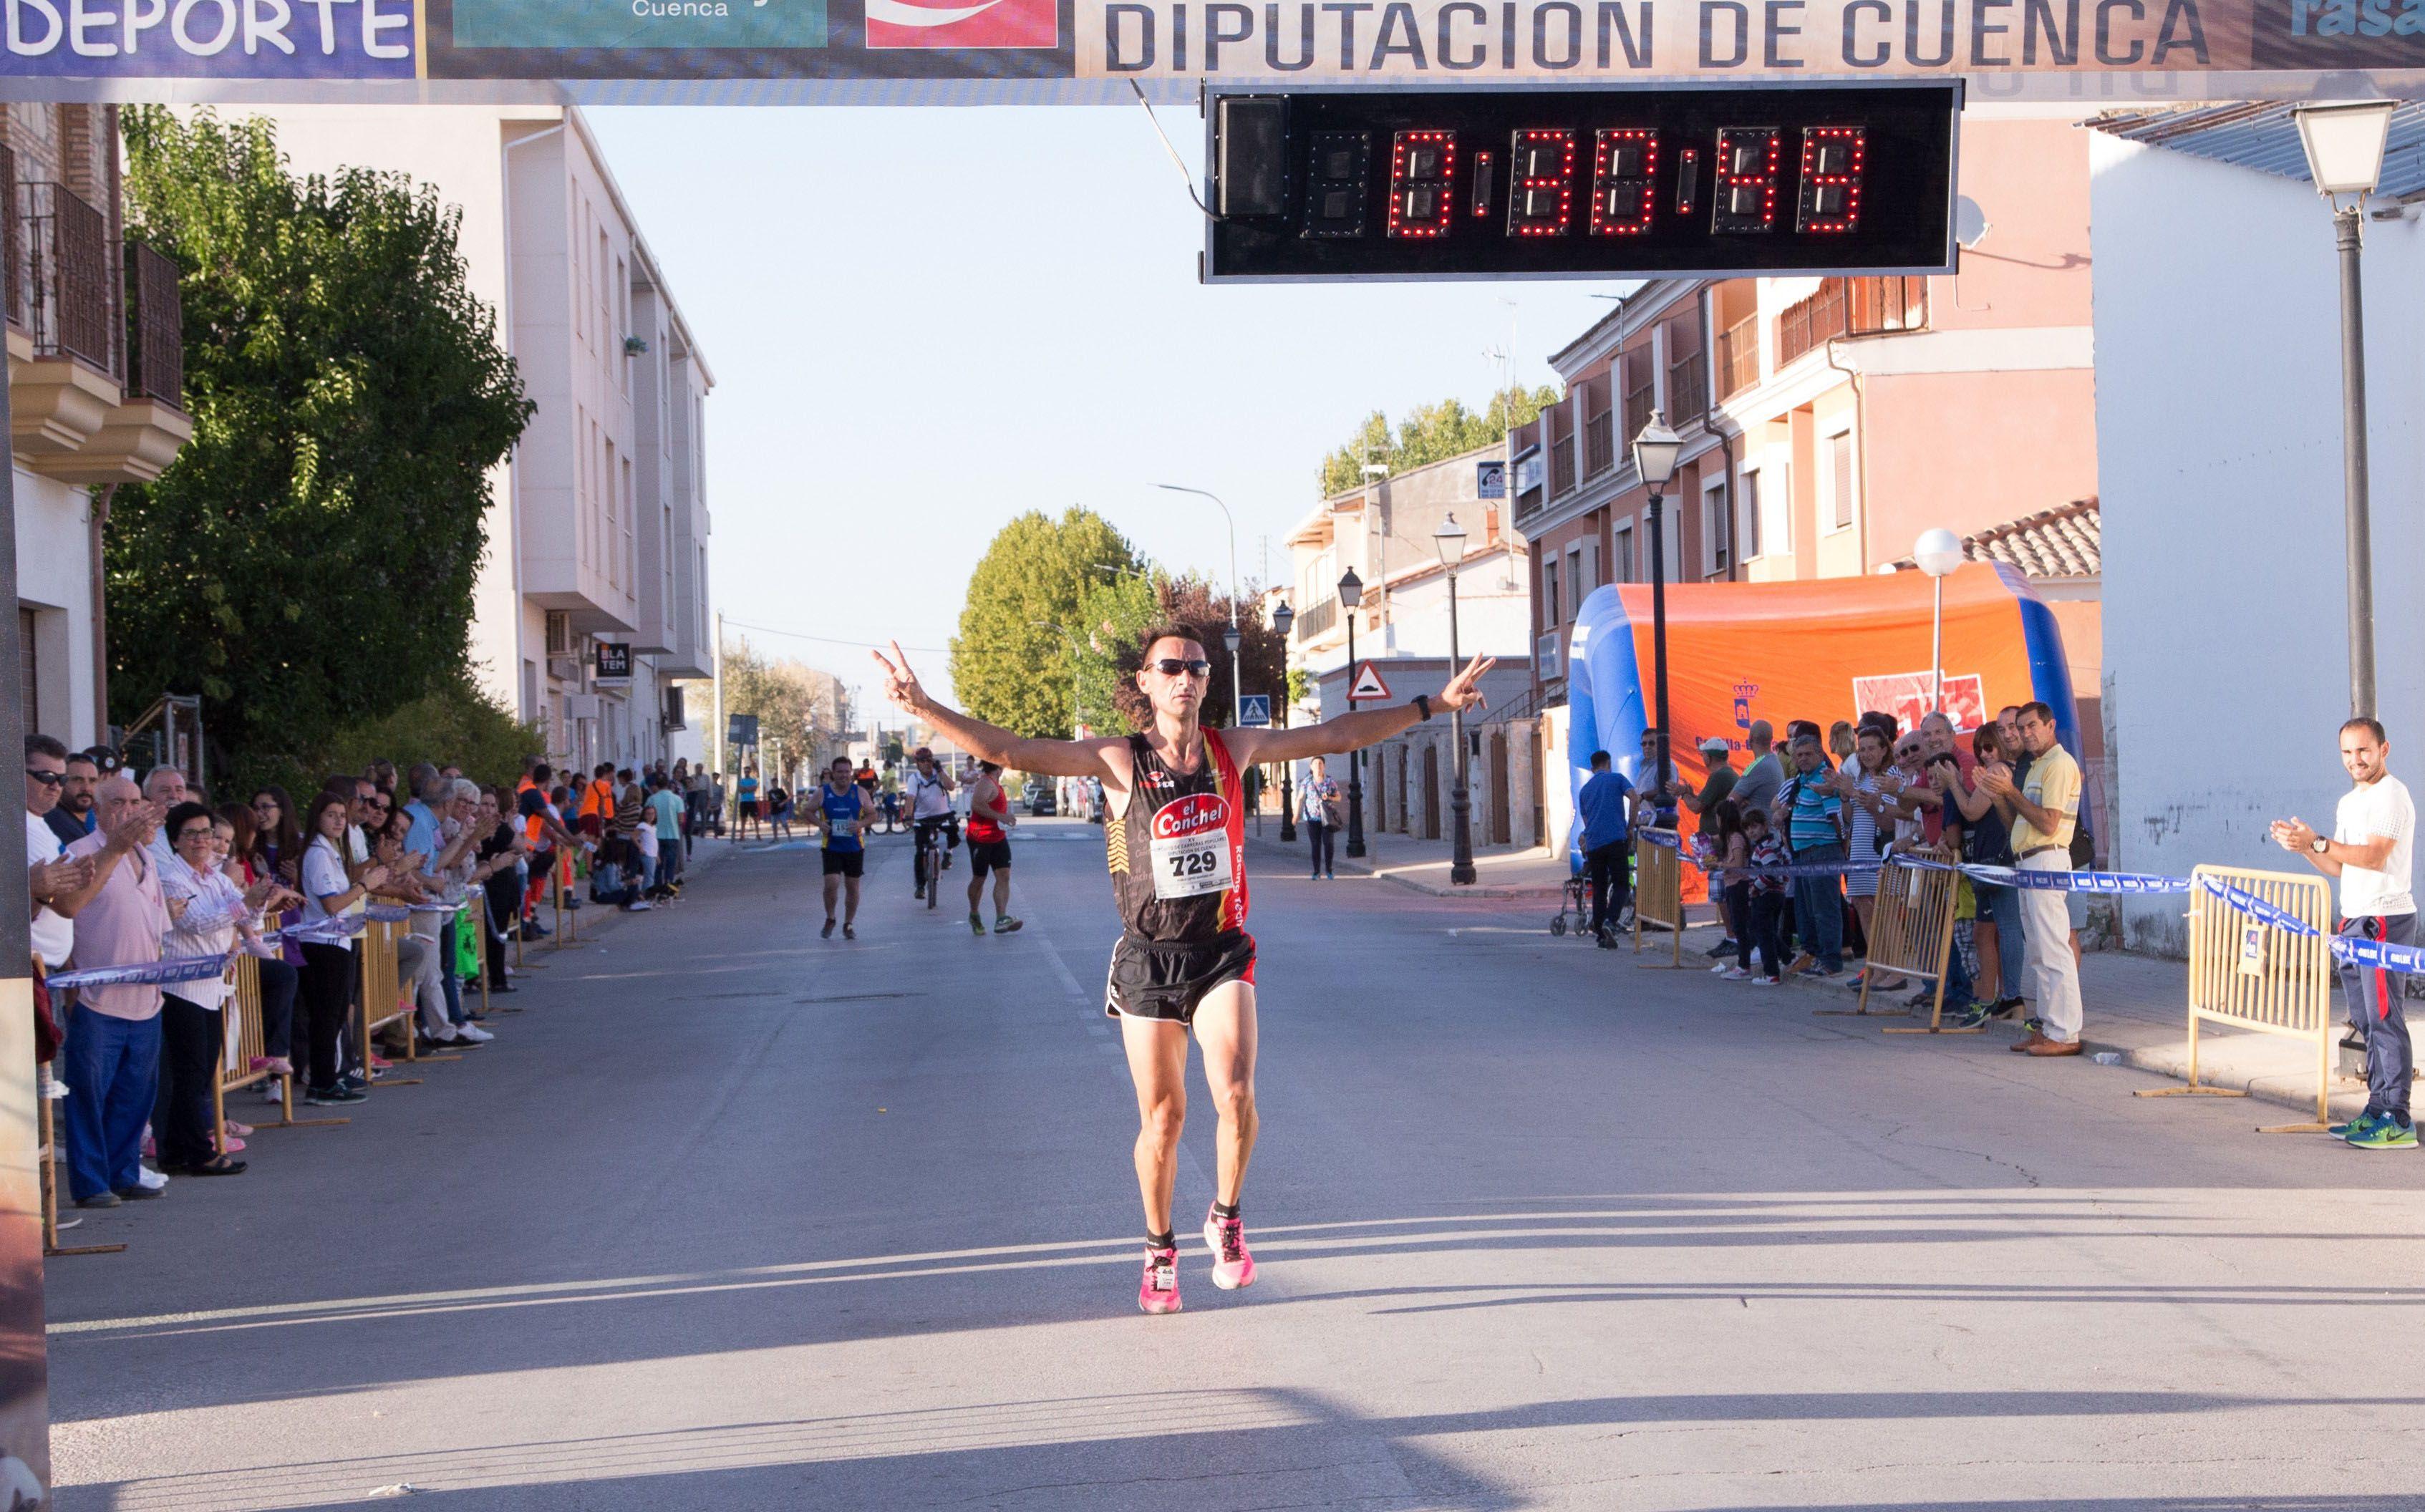 Pablo López y Gema Fernández ganan en Horcajo de Santiago la penúltima carrera popular del Circuito de Diputación